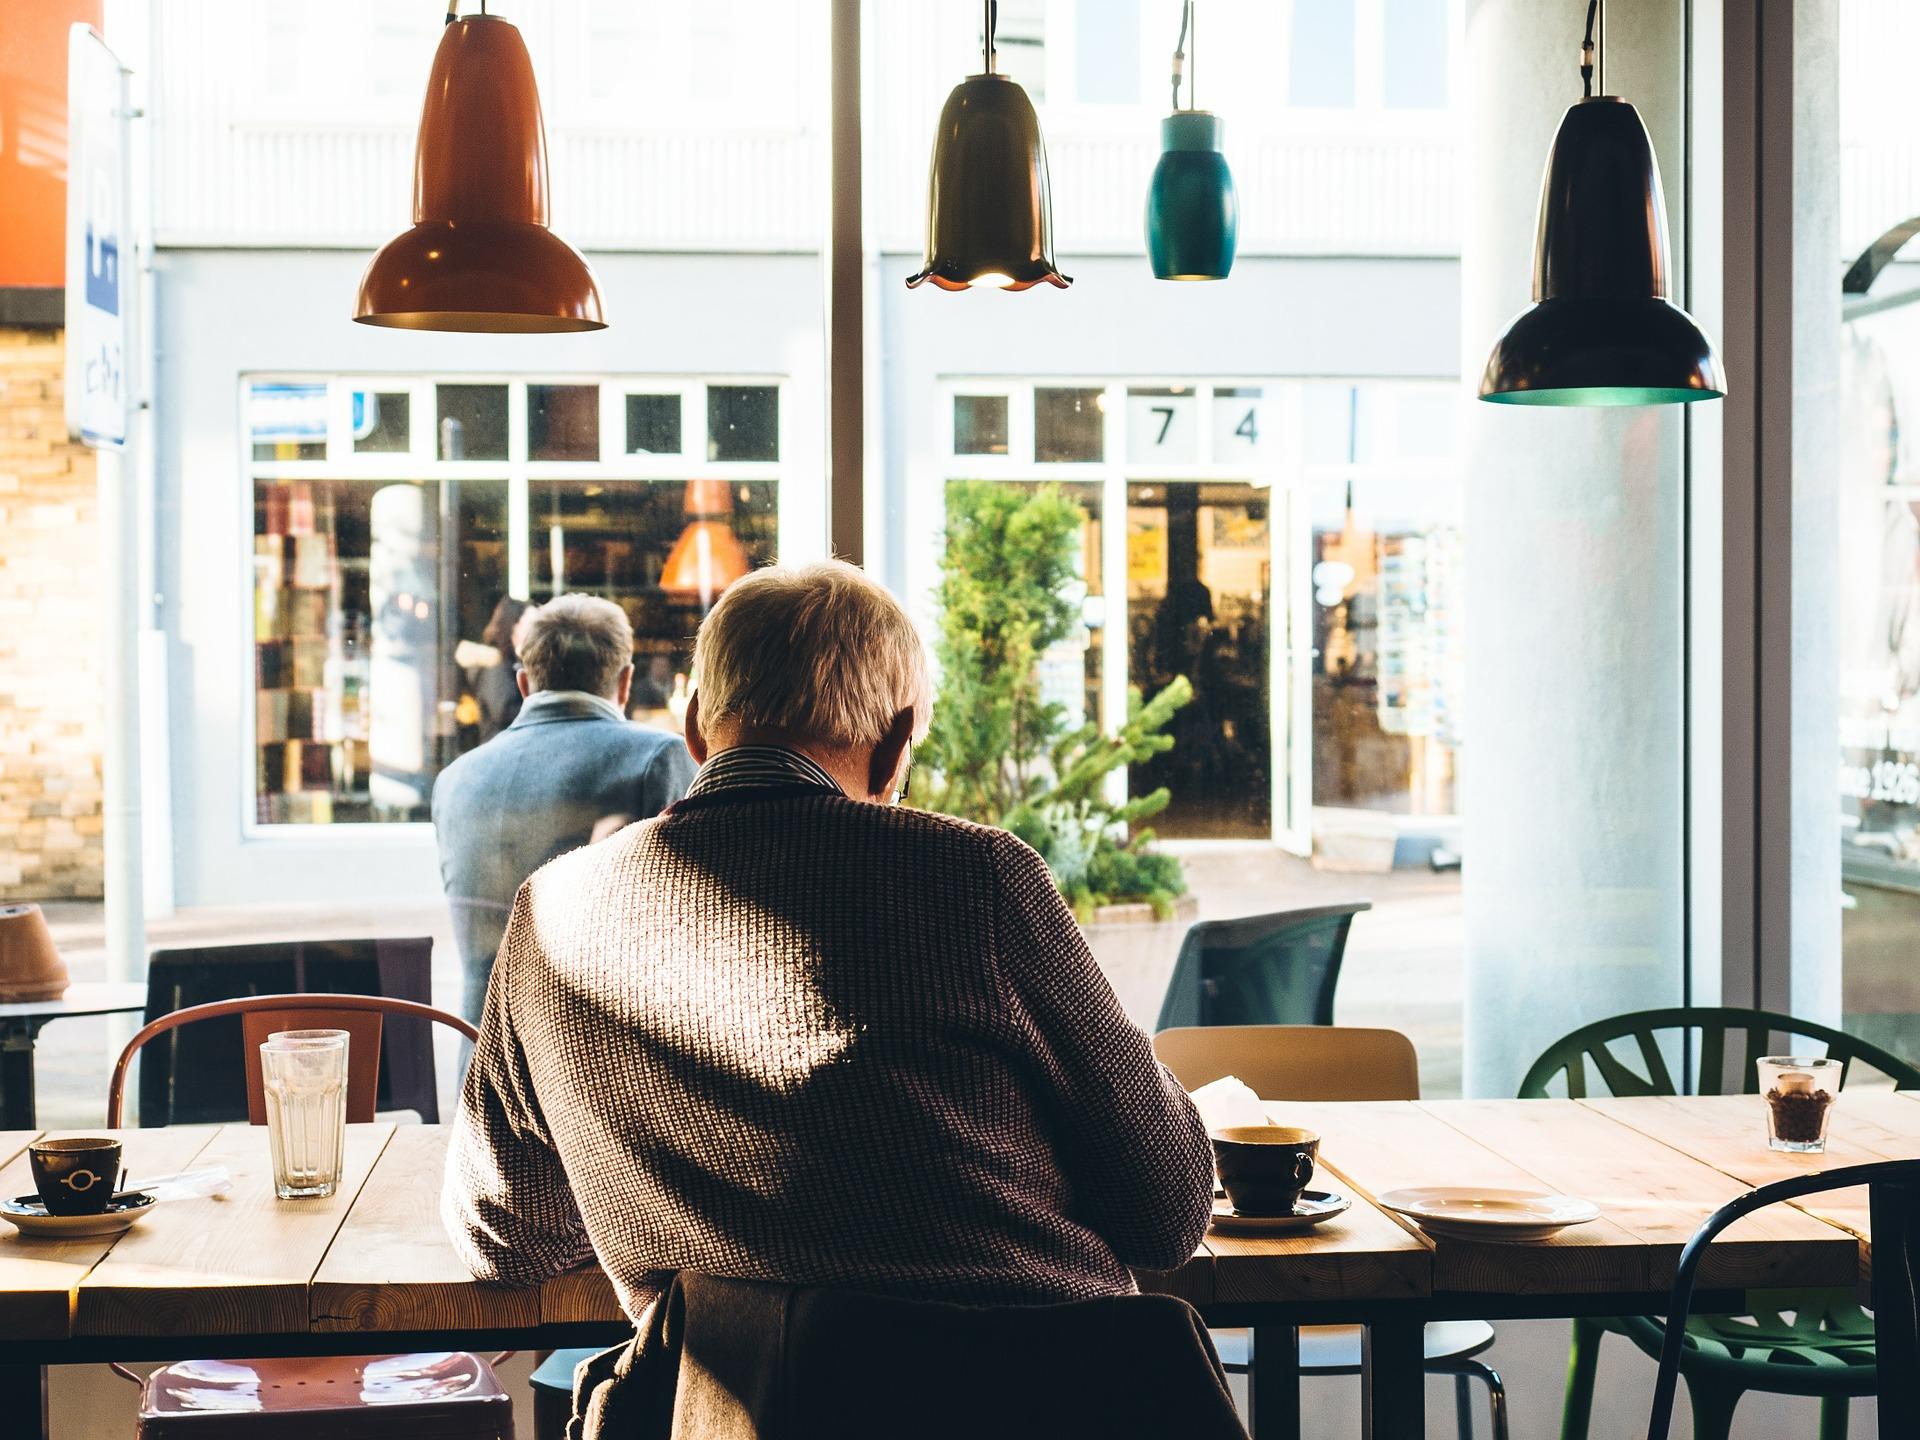 66歳以降の雇用は中小企業のほうが多い~厚労省「高年齢者の雇用状況」調査結果